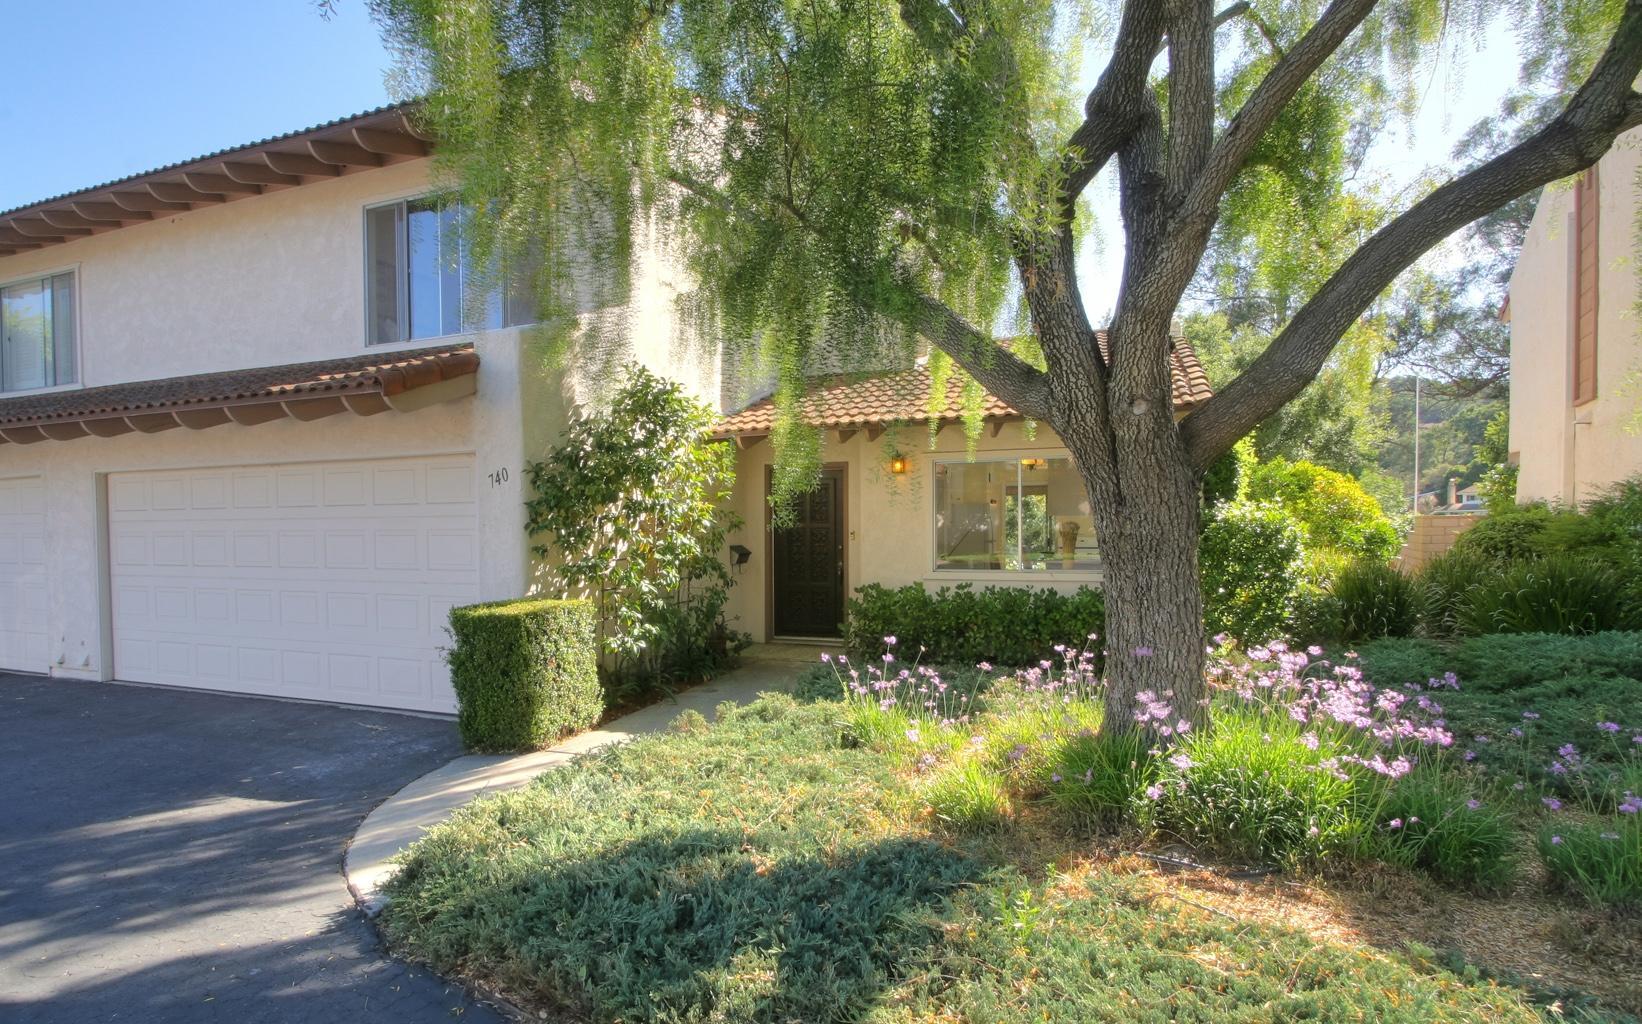 Property photo for 740 Calle De Los Amigos Santa Barbara, California 93105 - 13-2333